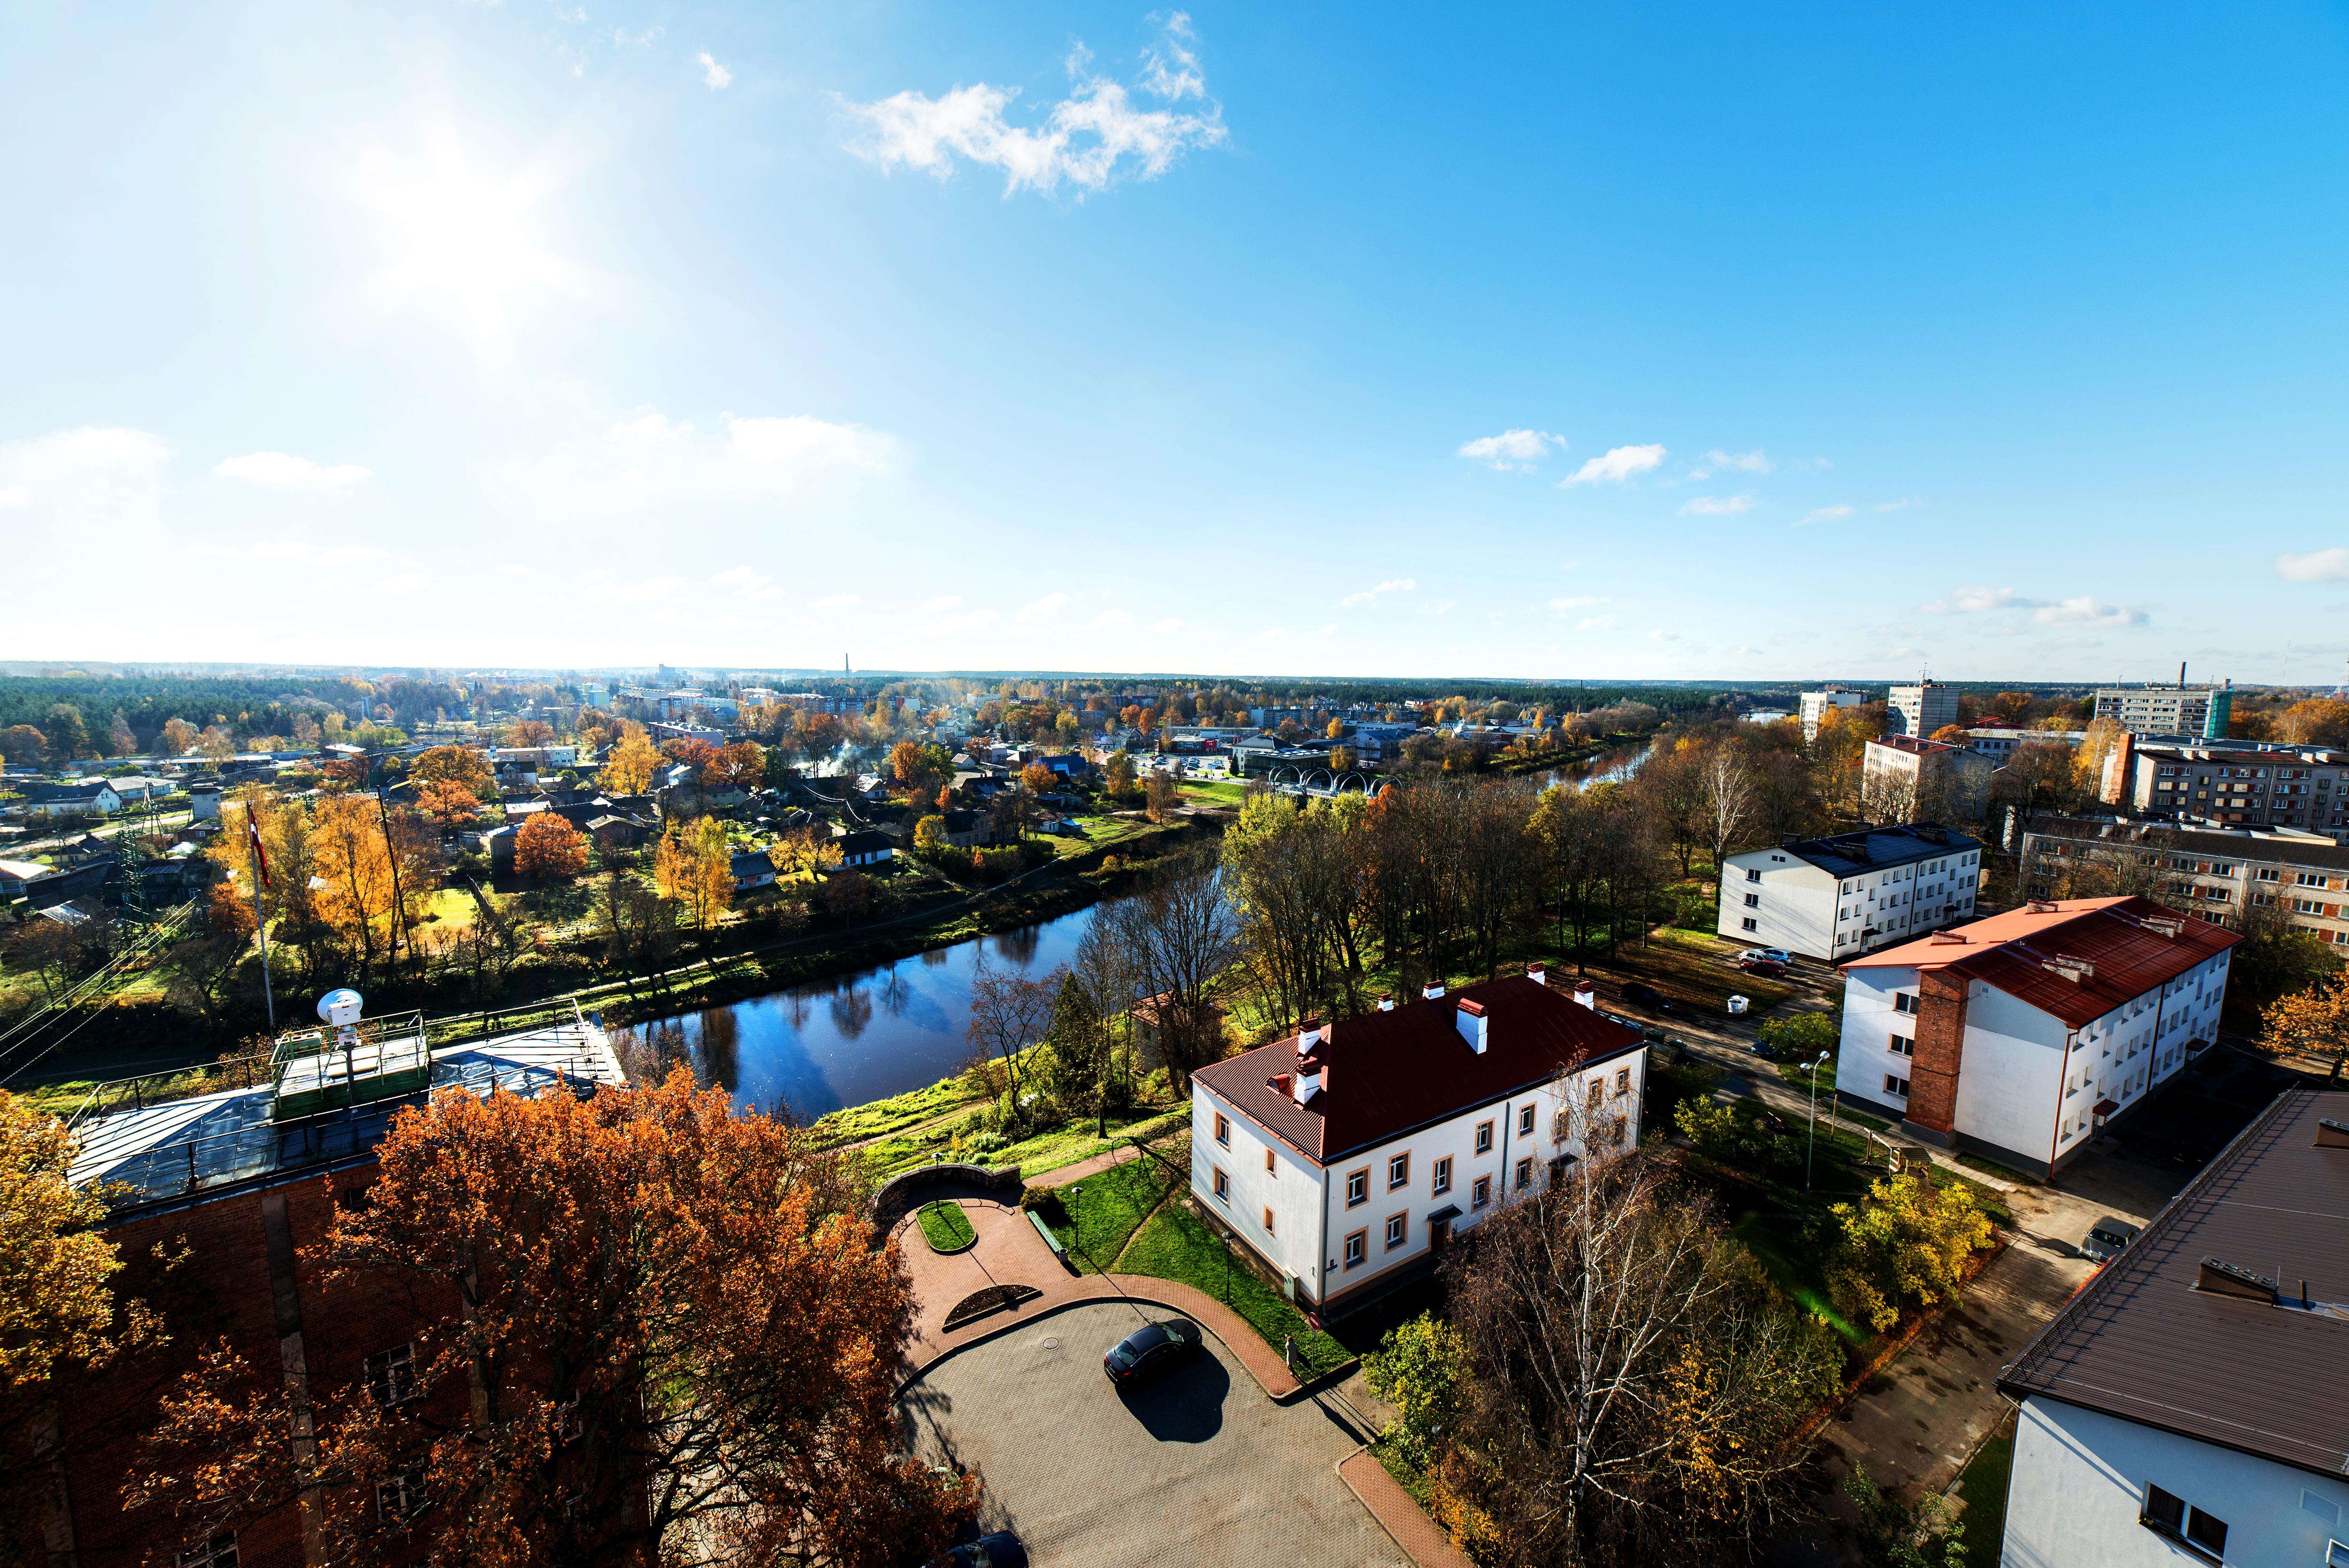 Valmiera panorama, Latvia